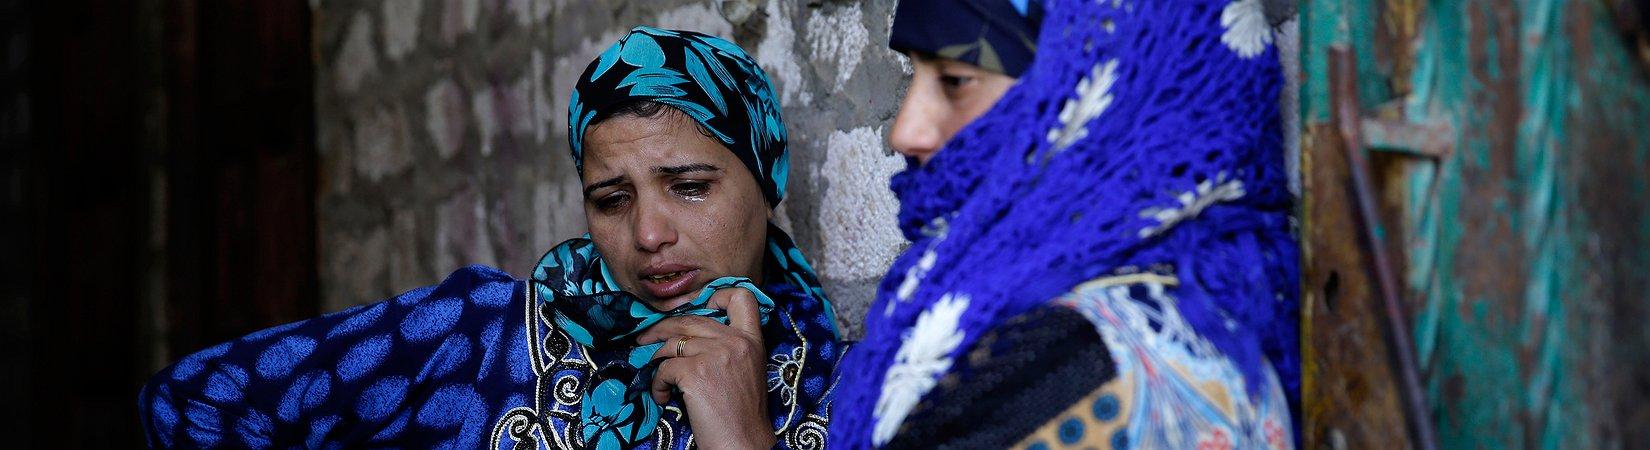 Leben unter ISIS-Herrschaft